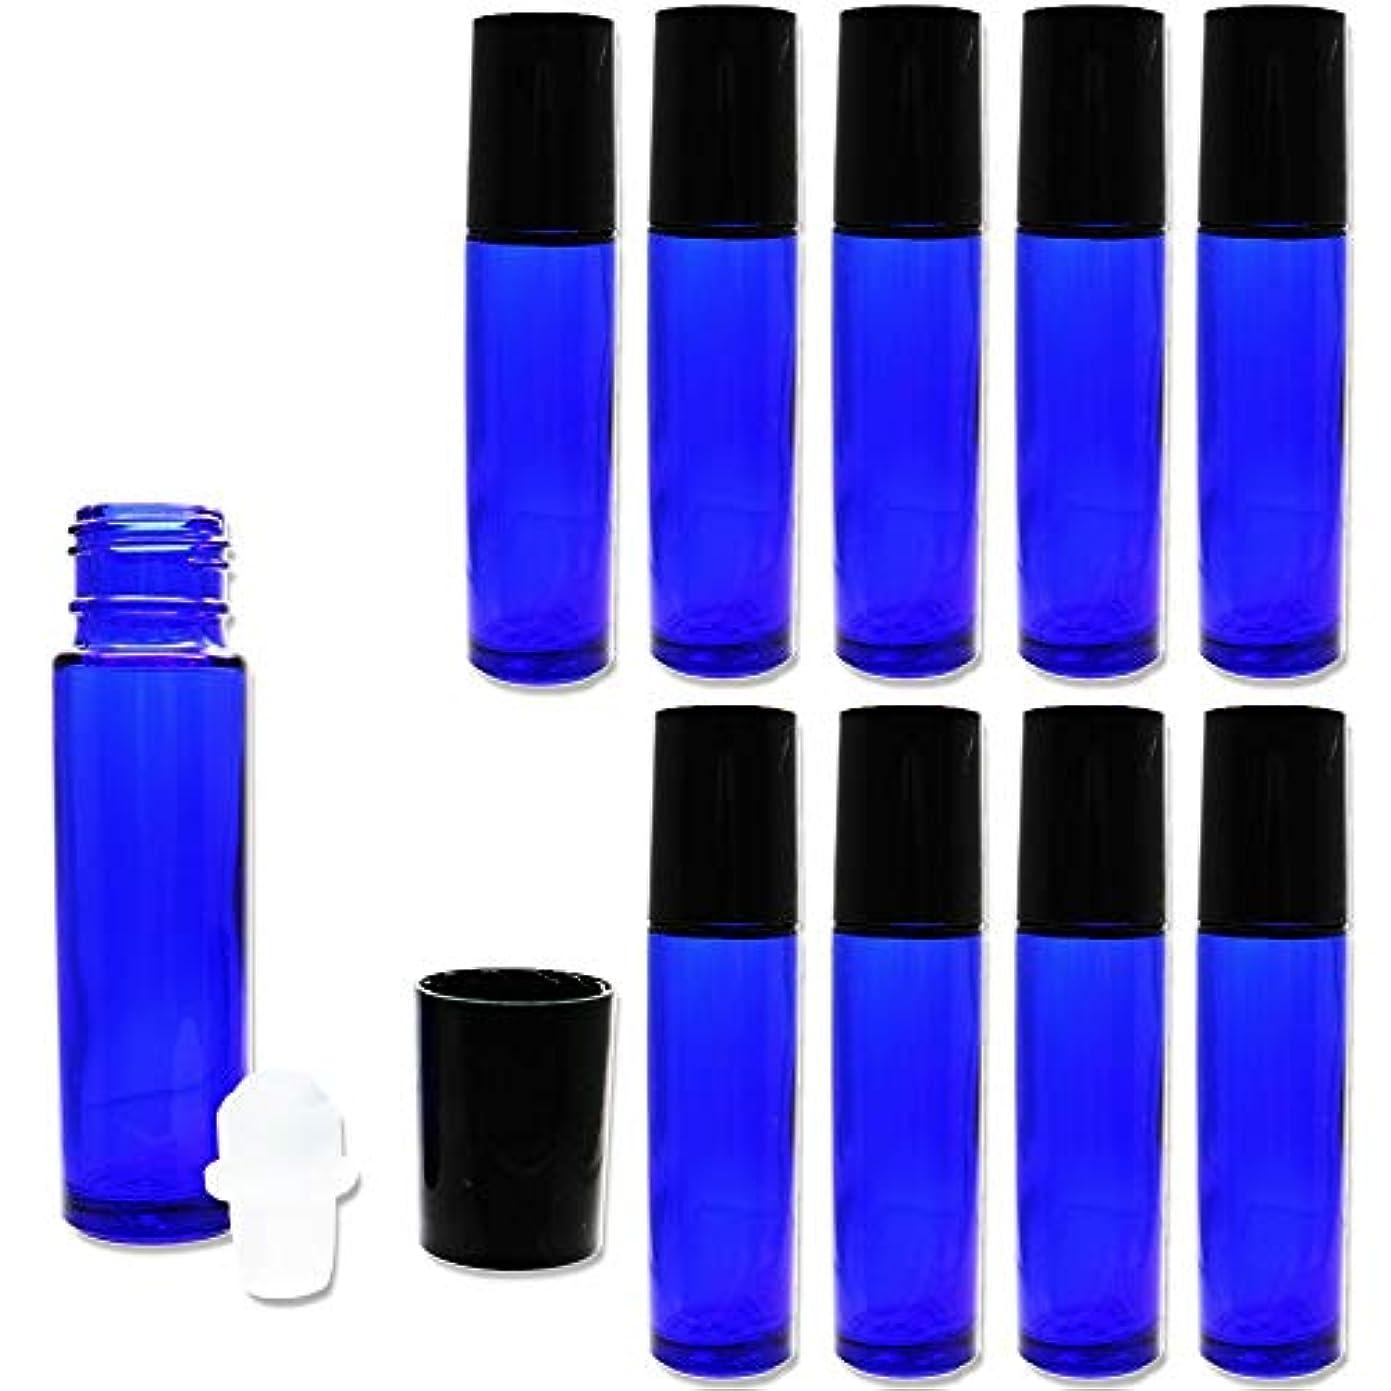 辞任学校教育作詞家10本セット 10ml ロールオンボトル アロマオイル ガラスロール 遮光瓶 詰め替え